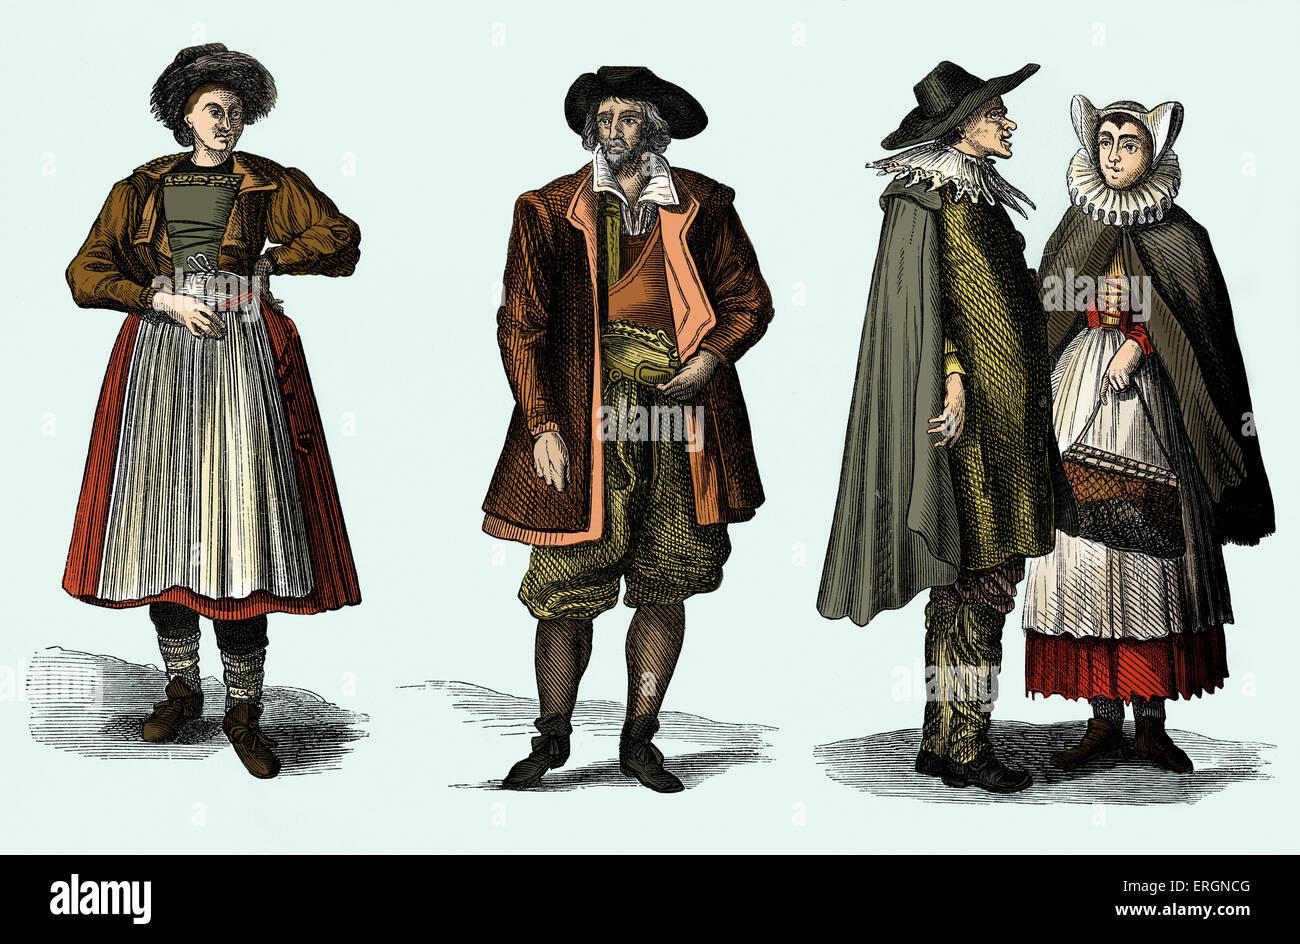 Beispiel für jüdische Kleidung im frühen 18. Jahrhundert Frankfurt am Main, Deutschland. Stockbild